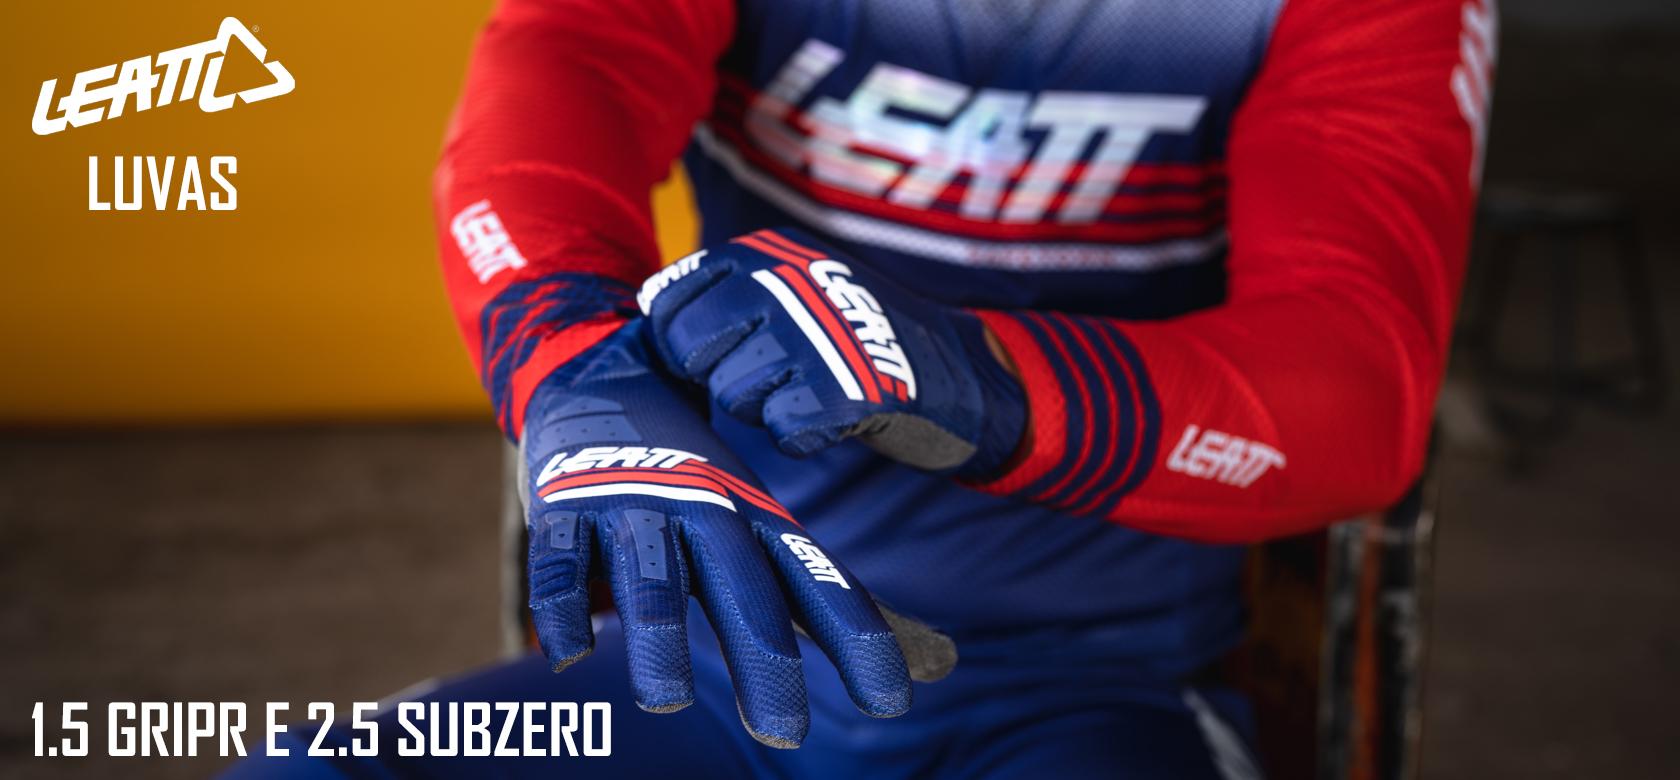 LEATT - Coleção Moto 2022 3